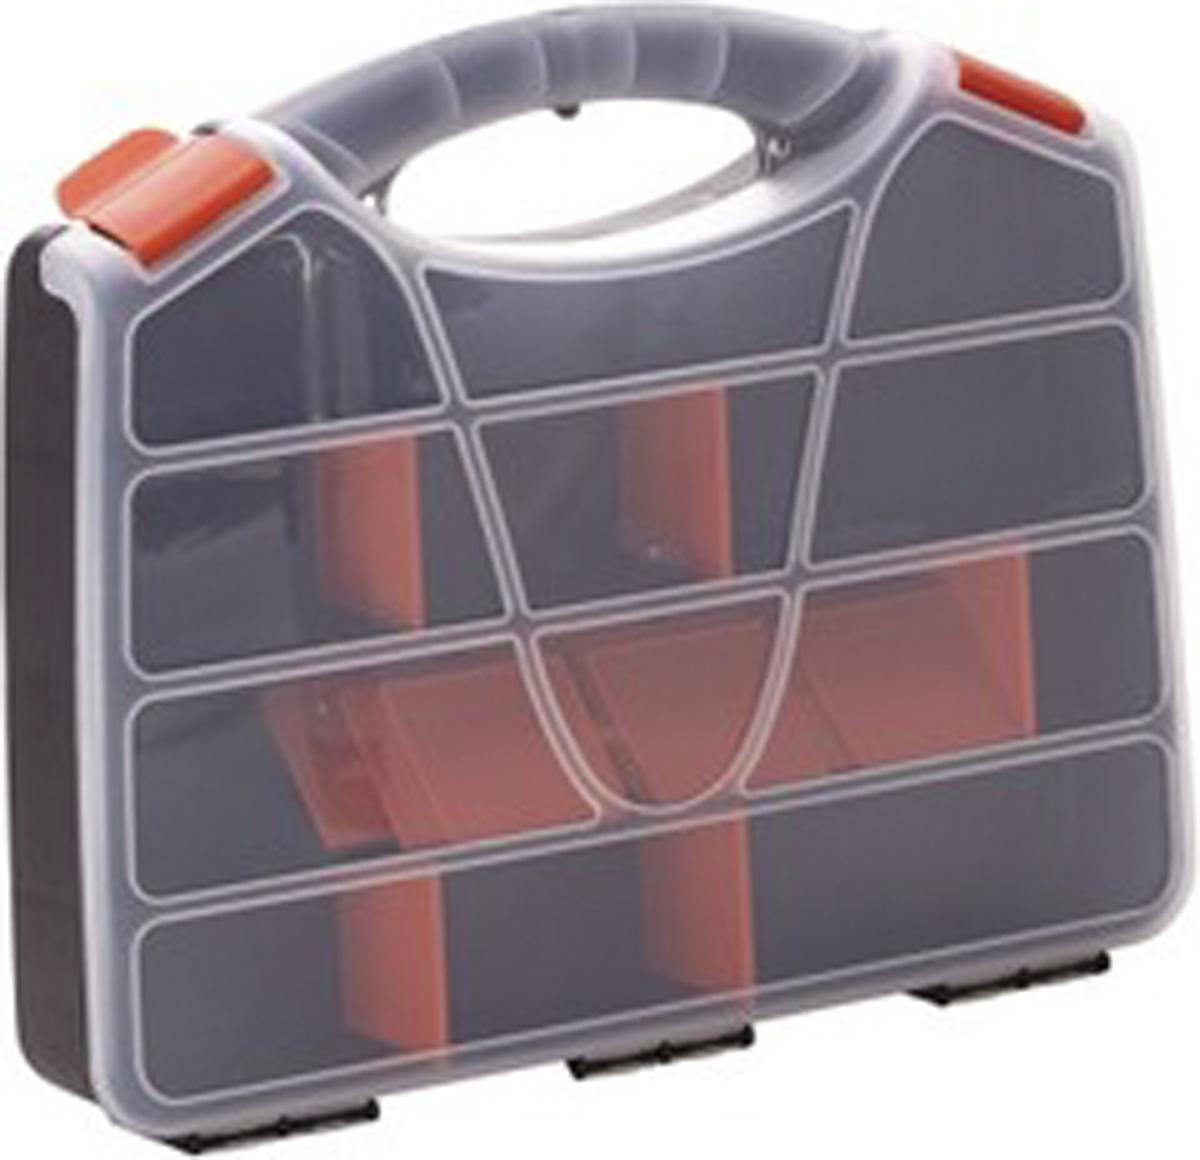 Органайзер для инструментов Blocker Profi, цвет: серый, оранжевый, 38 х 31 х 6,5 смПЦ3722СРСВИНЦОРУдобный органайзер Blocker Profi предназначен для переноски и хранения инструментов. Изделие выполнено из высококачественного полипропилена и оснащено 21 ячейкой. Прозрачная крышка, небольшой размер и продуманная эргономика делают хранение любых мелочей простым и эффективным. Надежные замки предохраняют от случайного открытия. Съемные разделители позволяют организовать пространство в соответствии с вашими пожеланиями. Размер ячеек: 5 х 5,5 см. Количество разделителей: 18 шт.